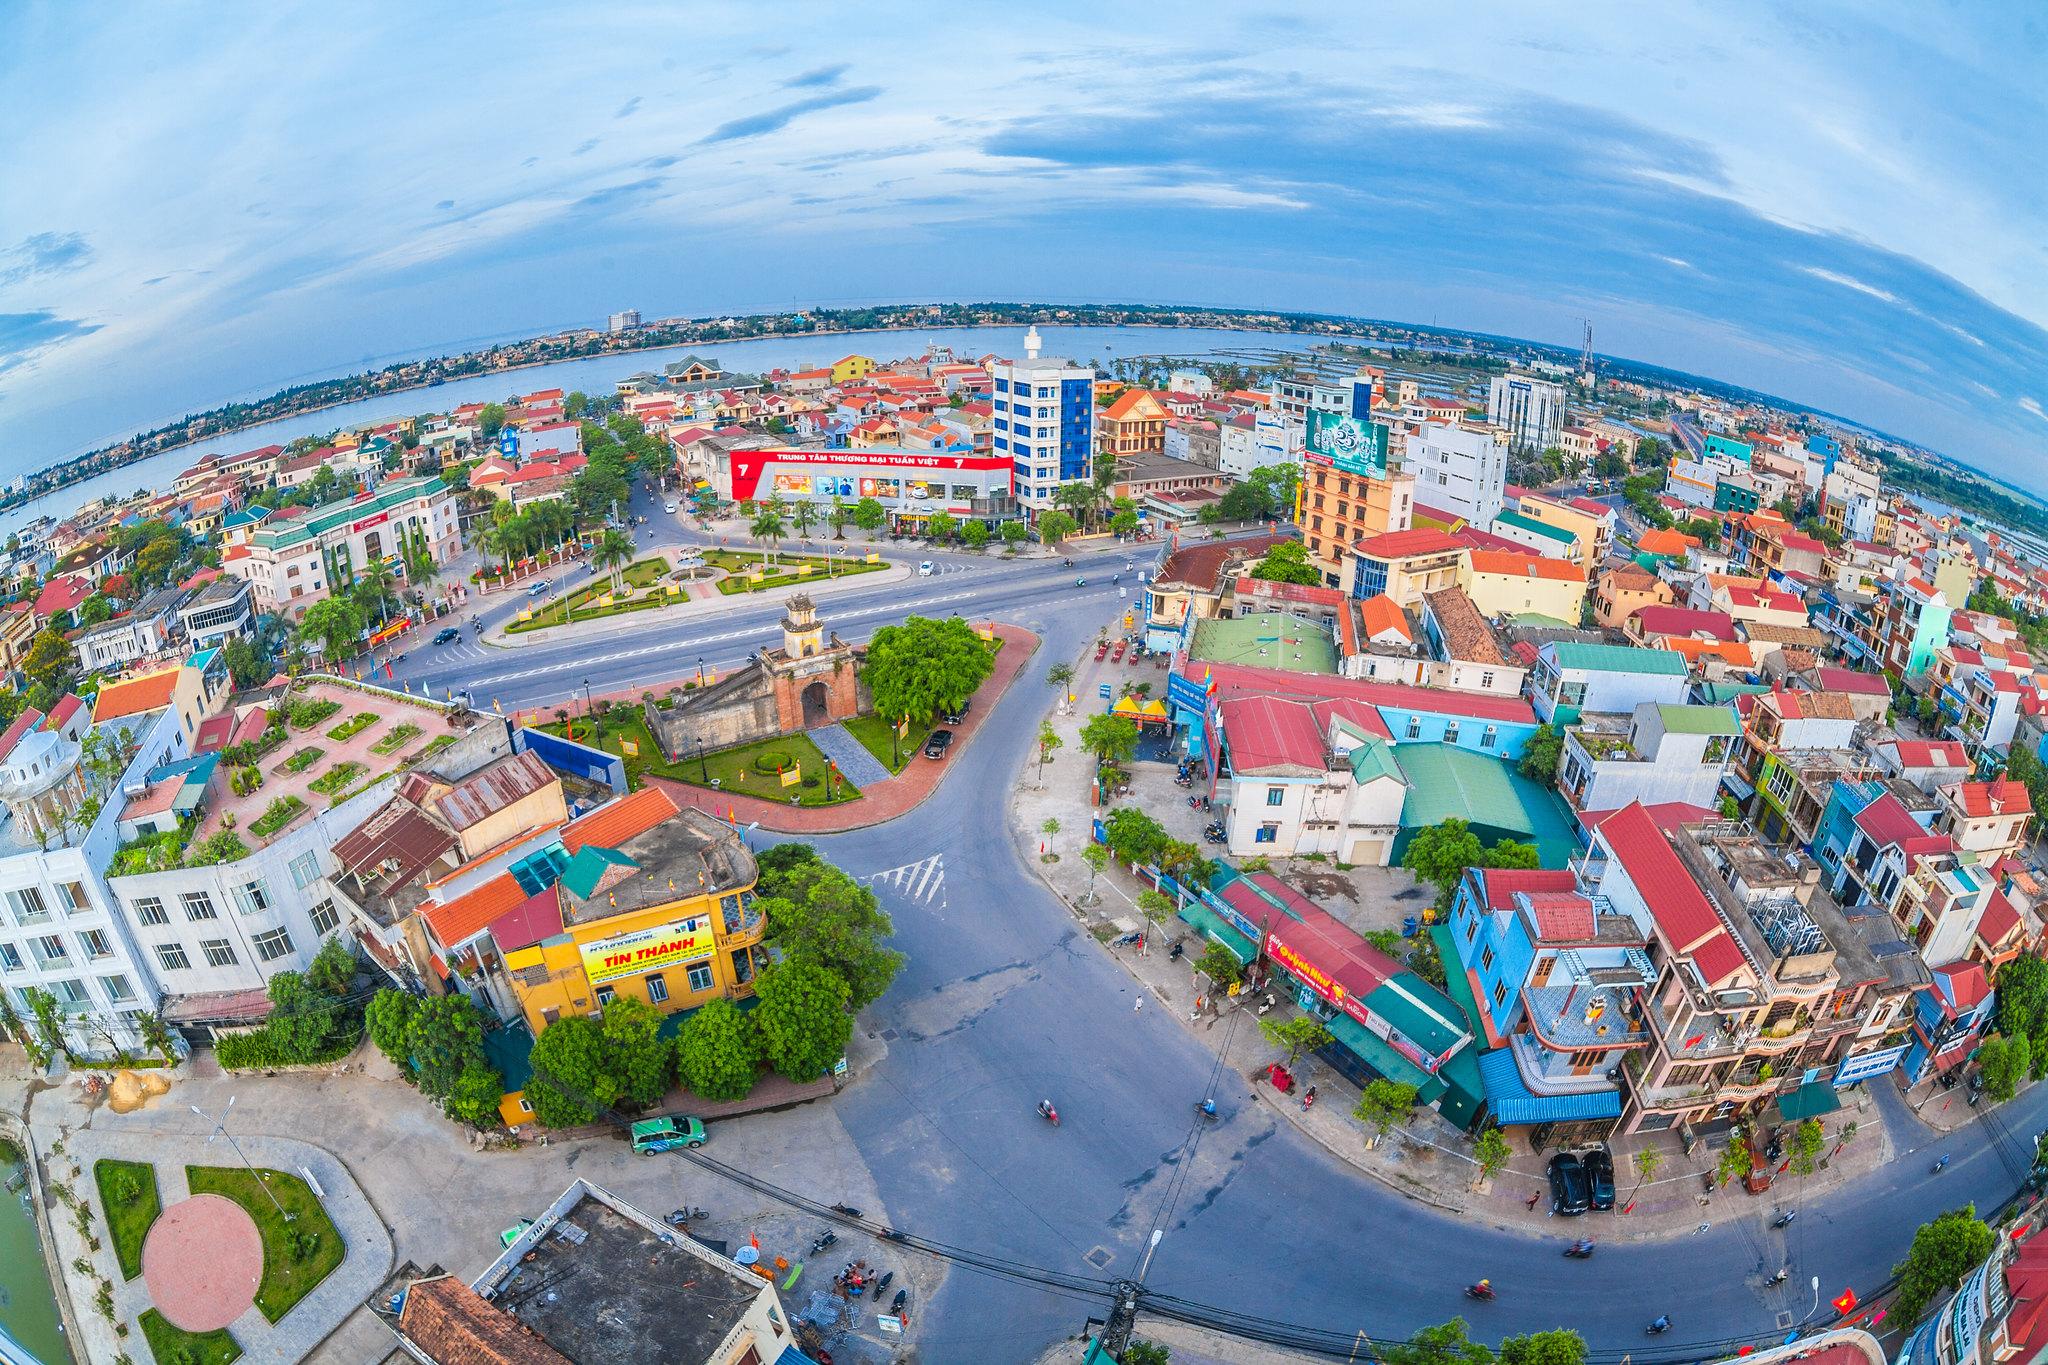 Quảng Bình Quan nằm ngay trung tâm phường Hải Đình